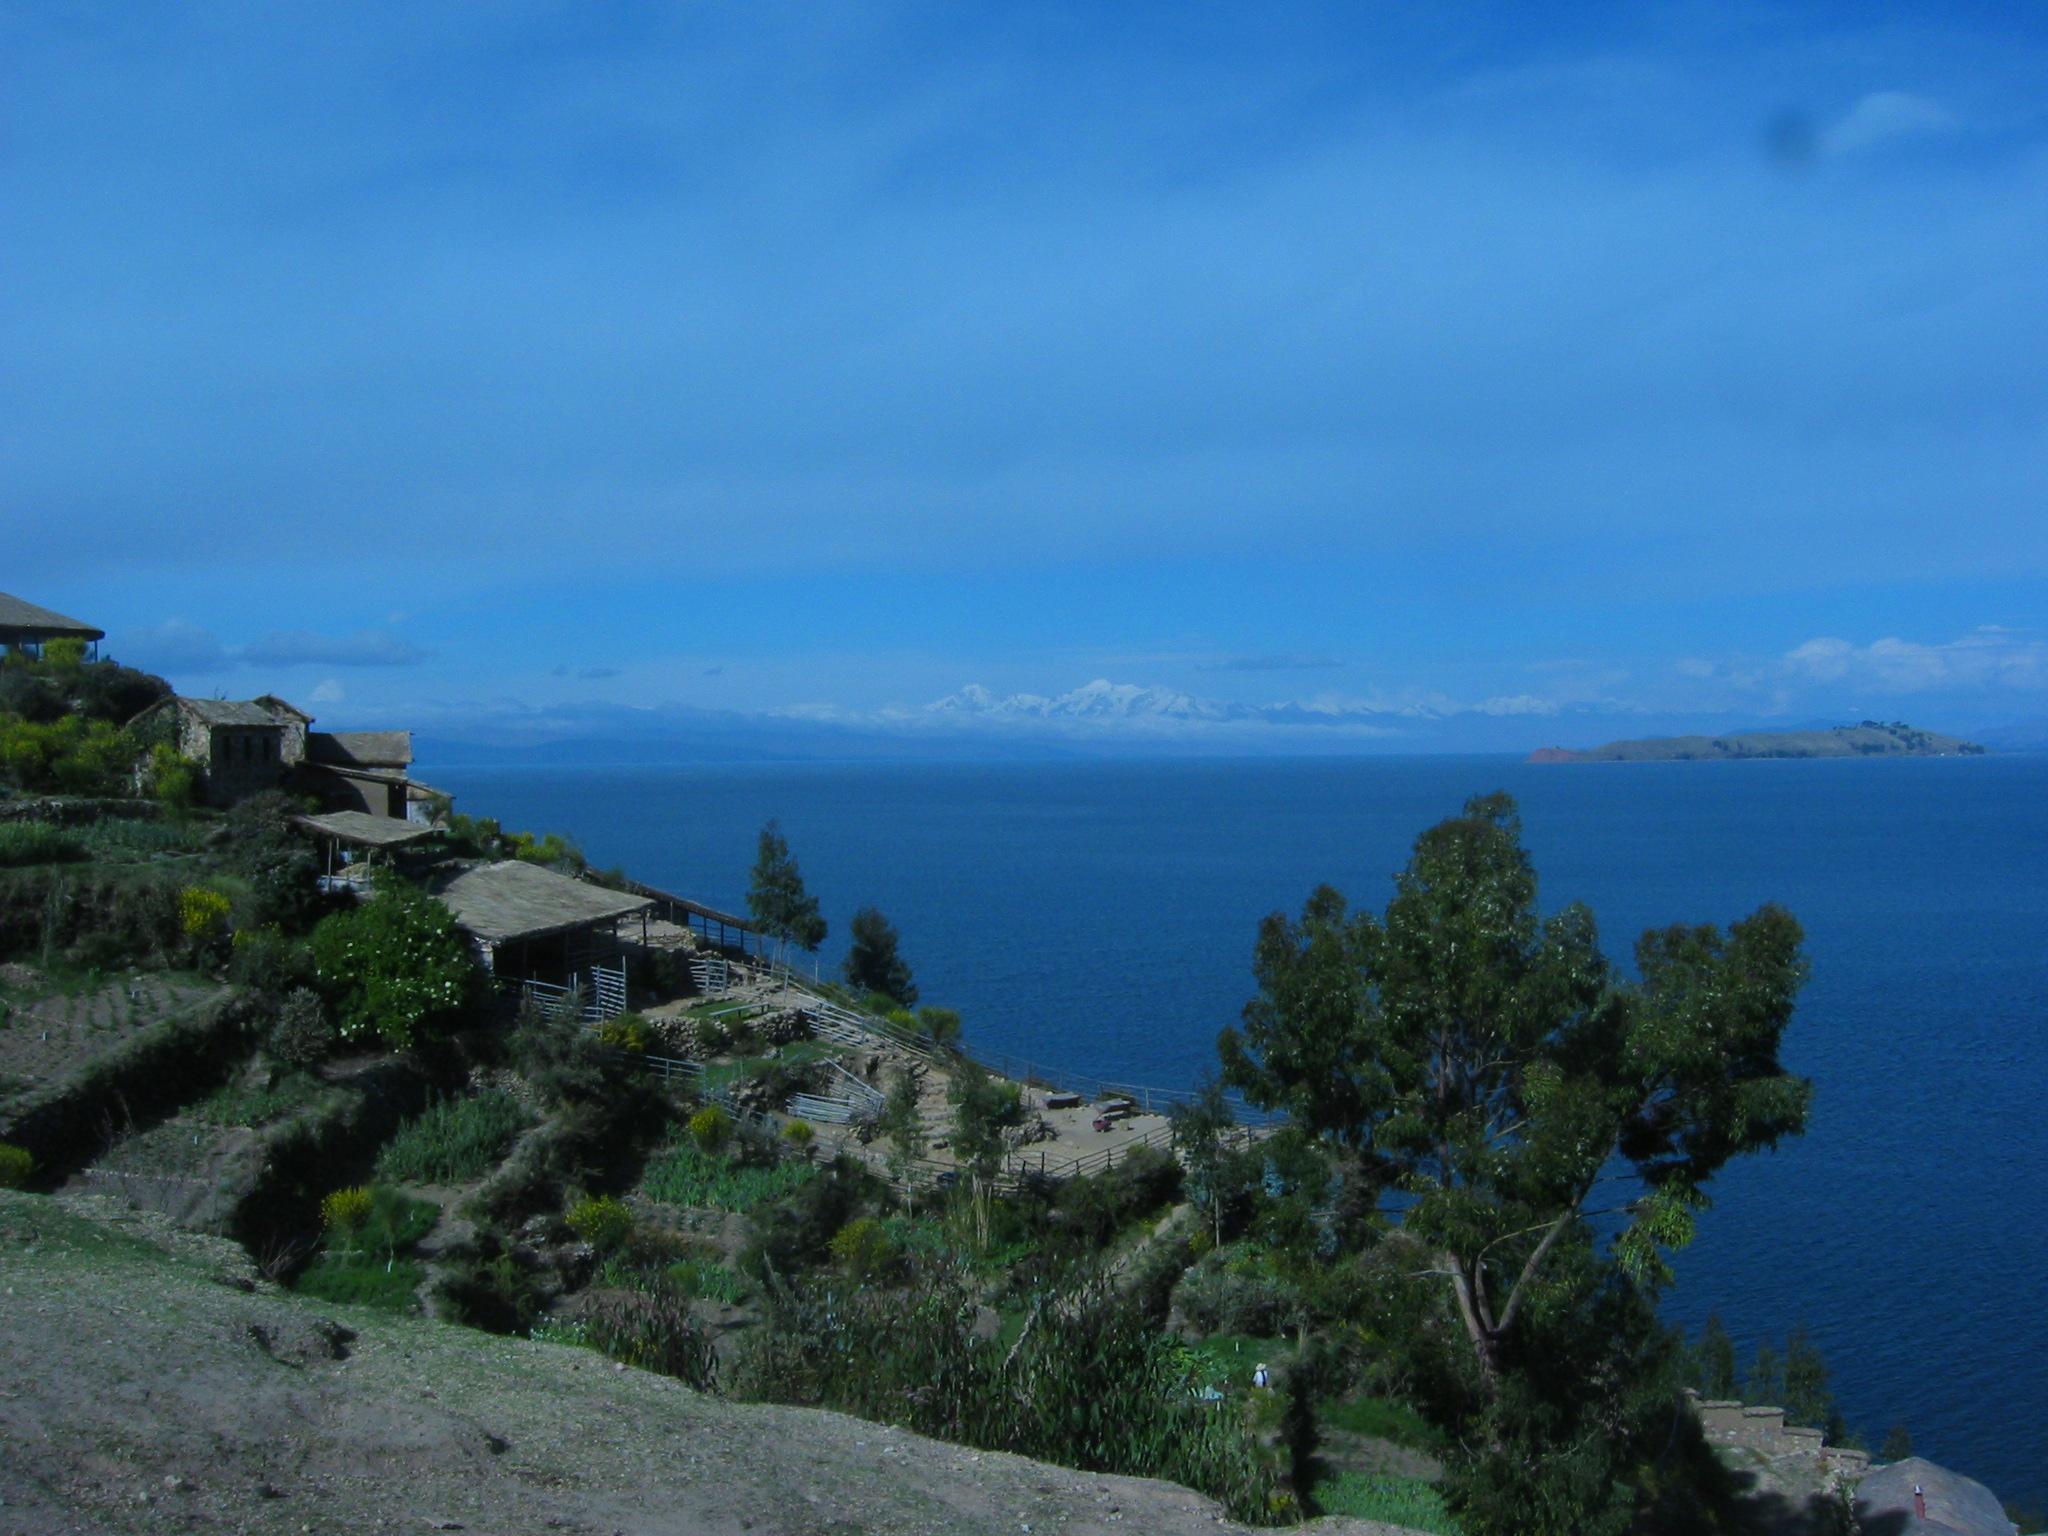 Blue, blue lake view